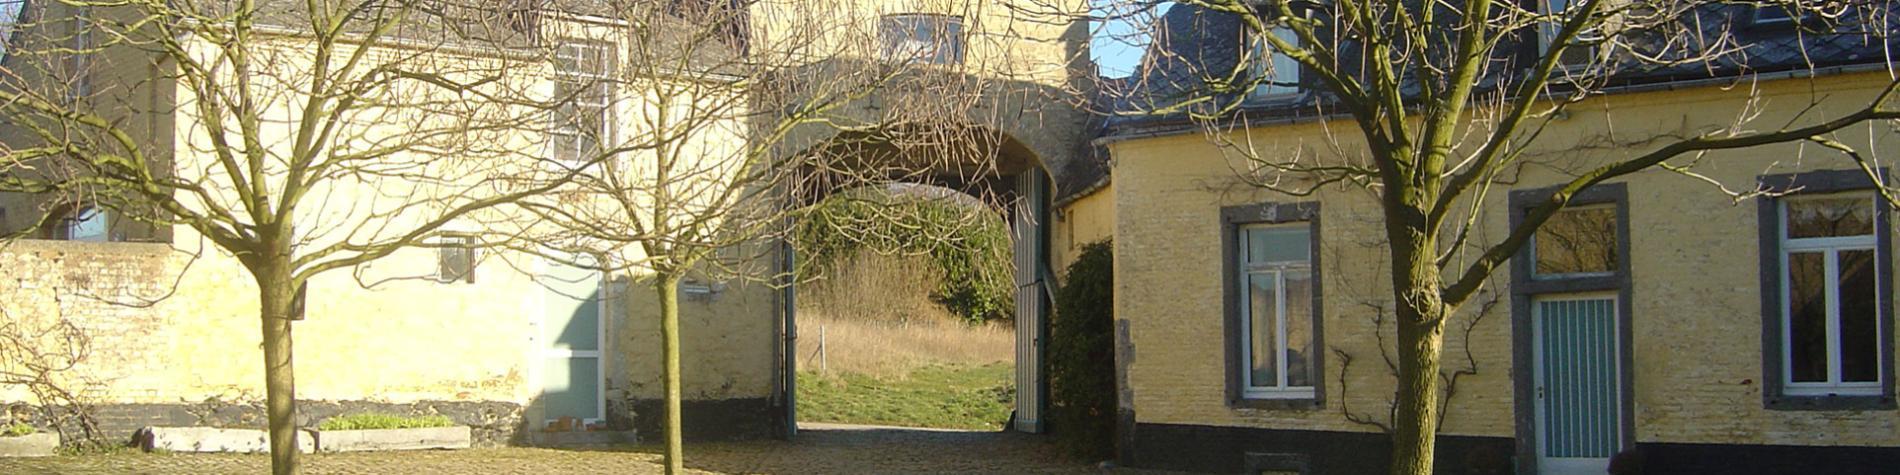 Maison d'hôtes - Cense de la Tour - Villers-la-Ville